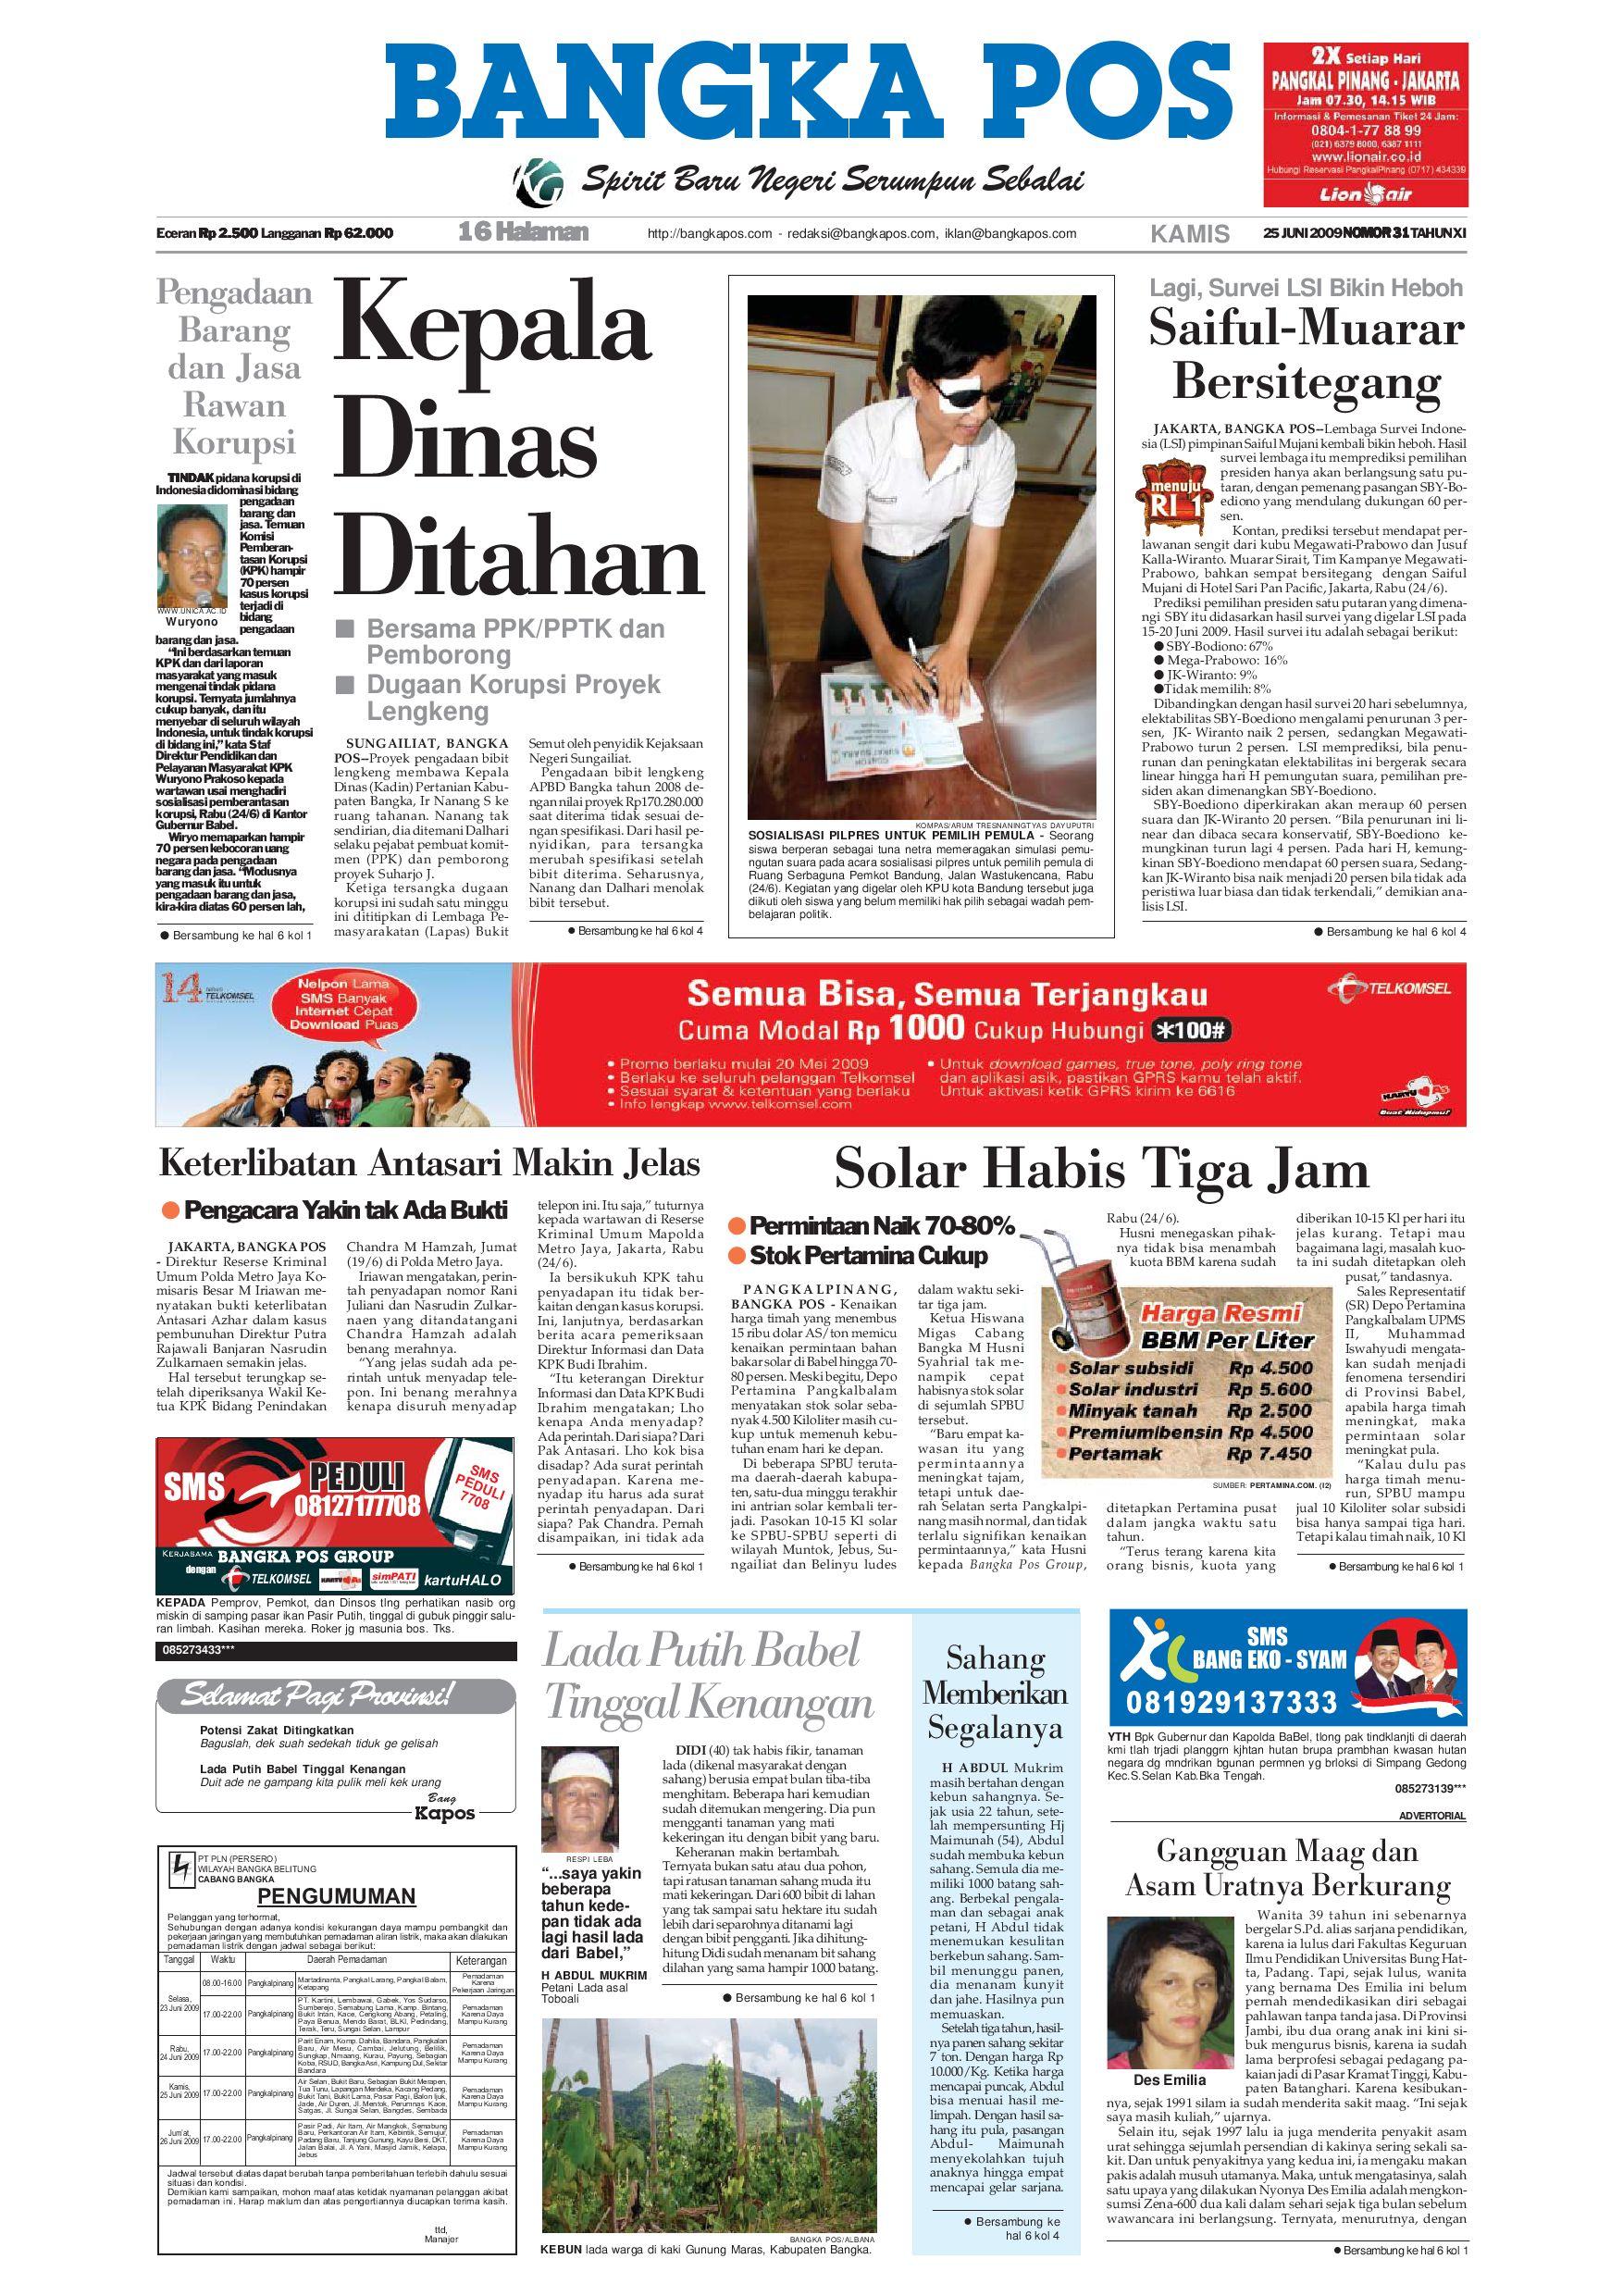 Harian Pagi Bangka Pos Edisi 25 Juni 2009 by bangka pos - issuu eded3518f3